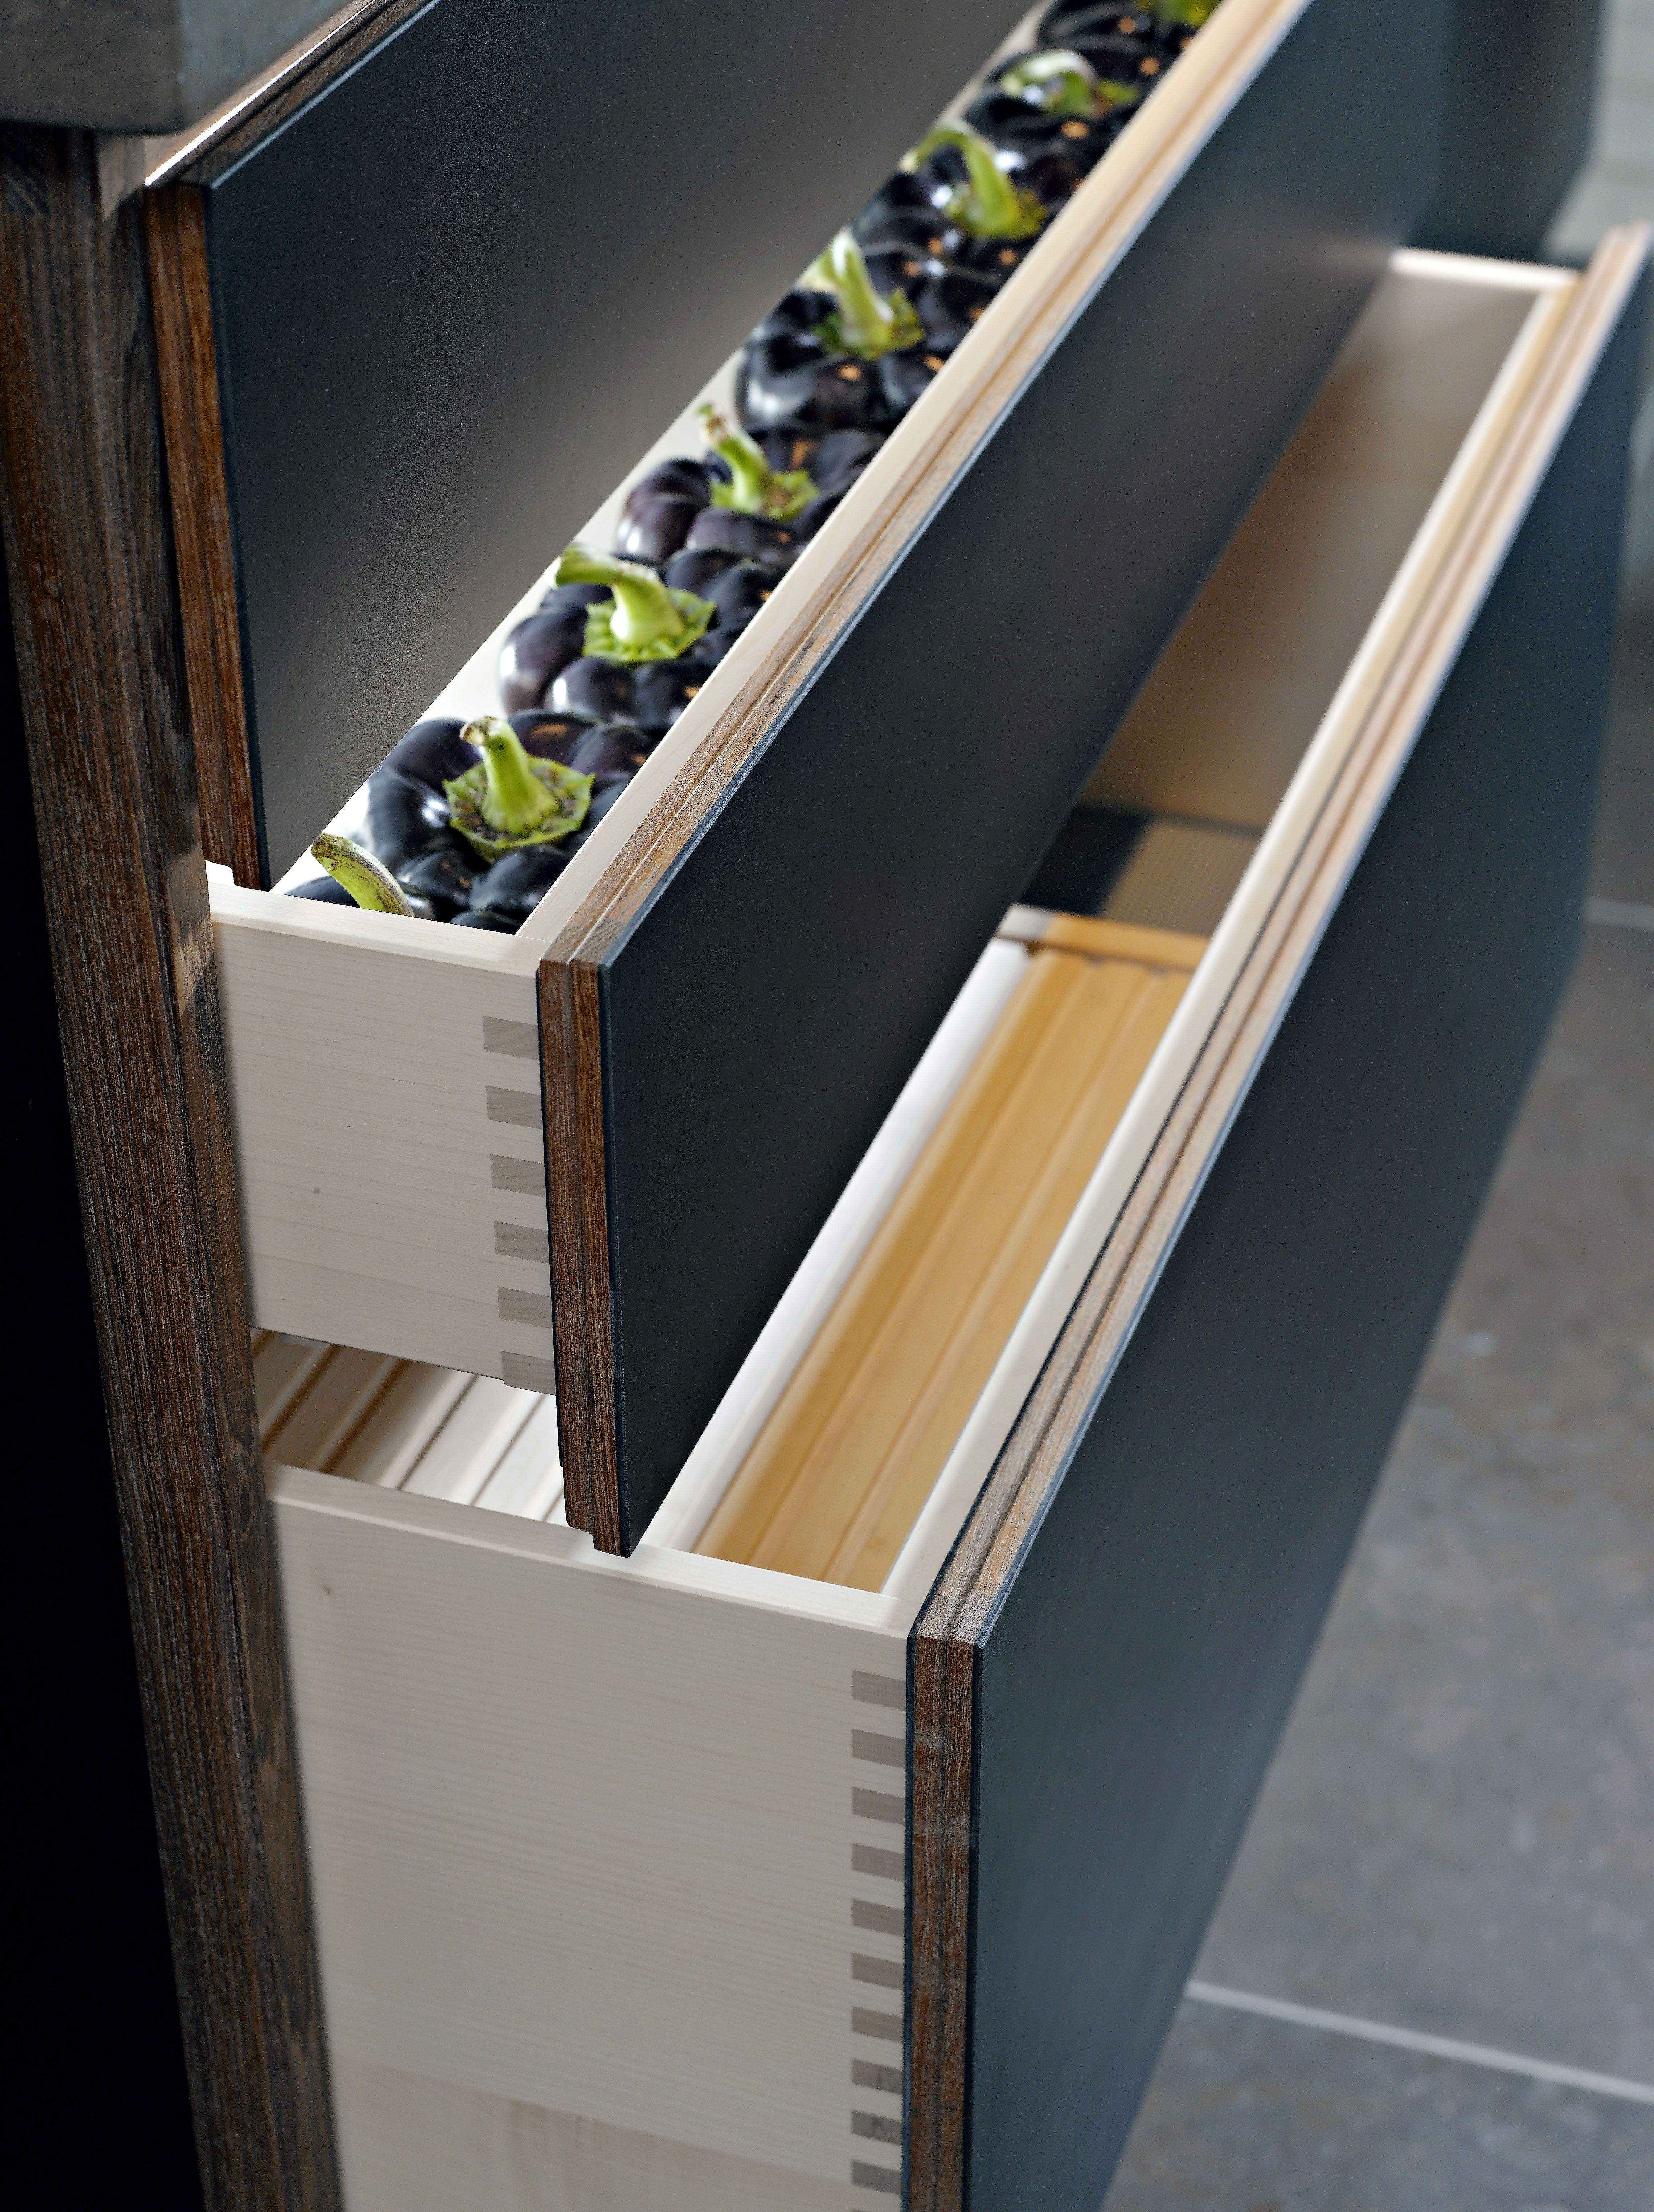 culina k kken overflade desktop furniture linoleum forbo details pinterest. Black Bedroom Furniture Sets. Home Design Ideas